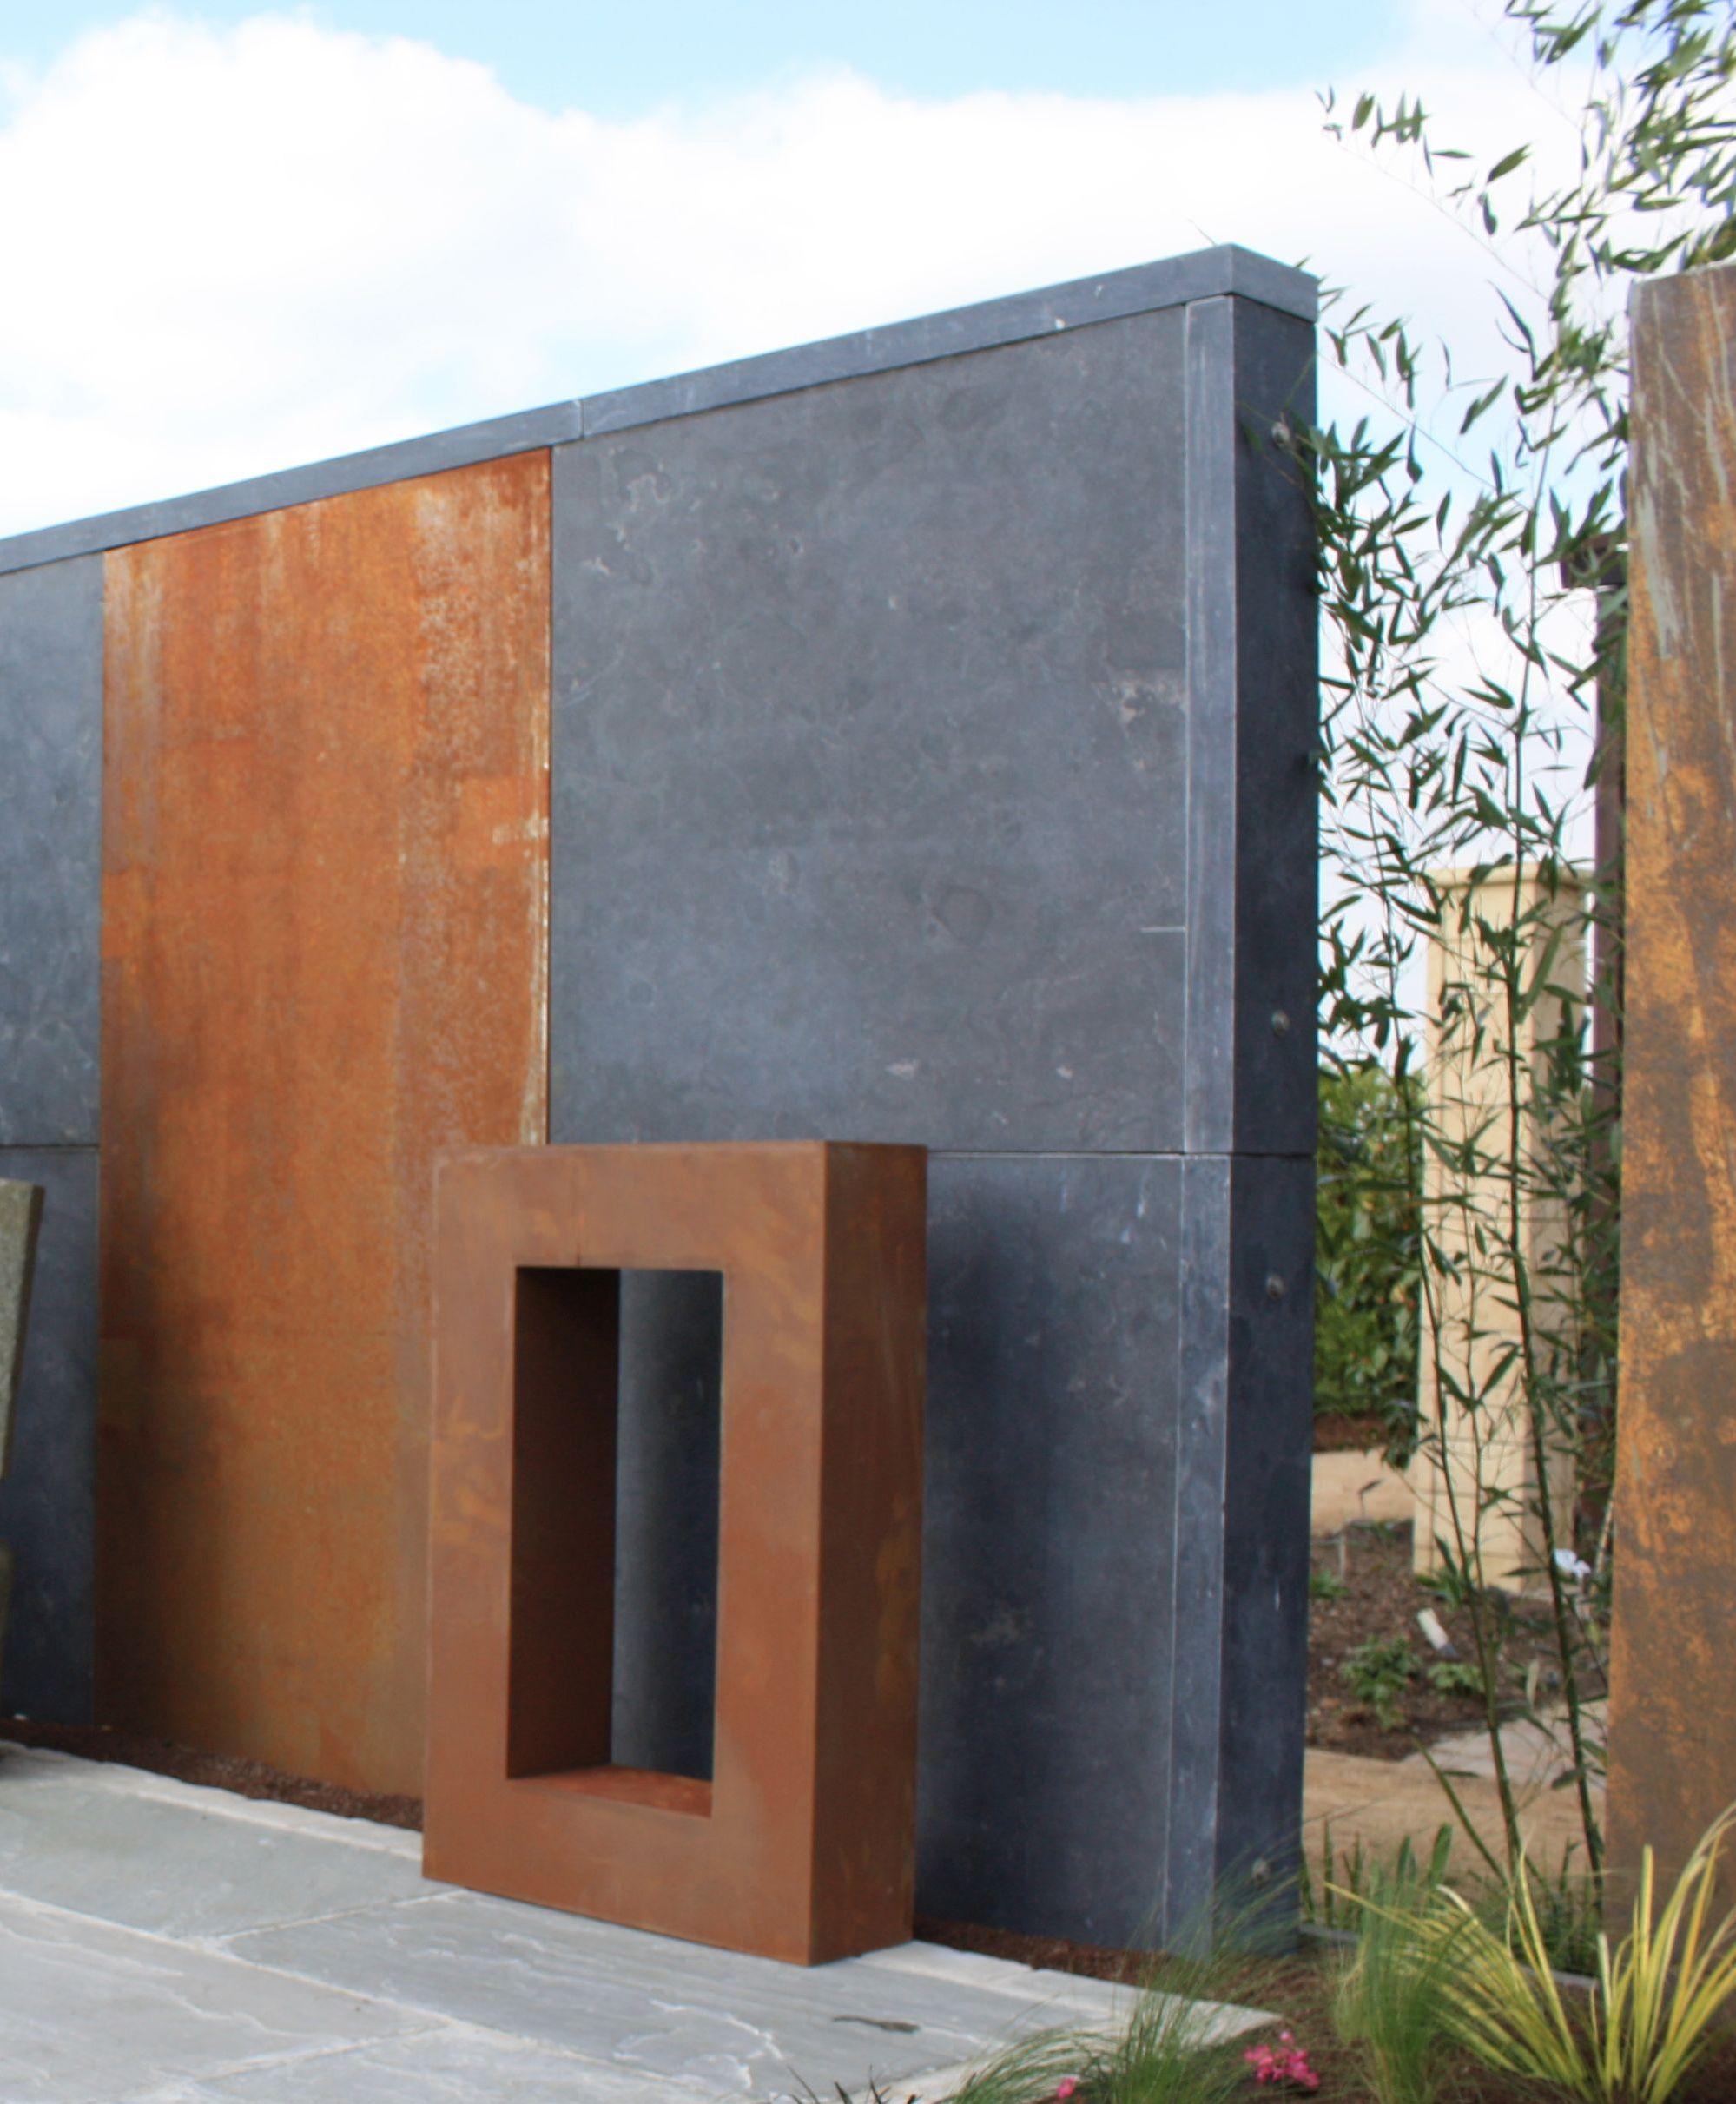 Full Size of Hochbeet Sichtschutz Garten Wpc Fenster Sichtschutzfolie Holz Sichtschutzfolien Für Im Einseitig Durchsichtig Wohnzimmer Hochbeet Sichtschutz